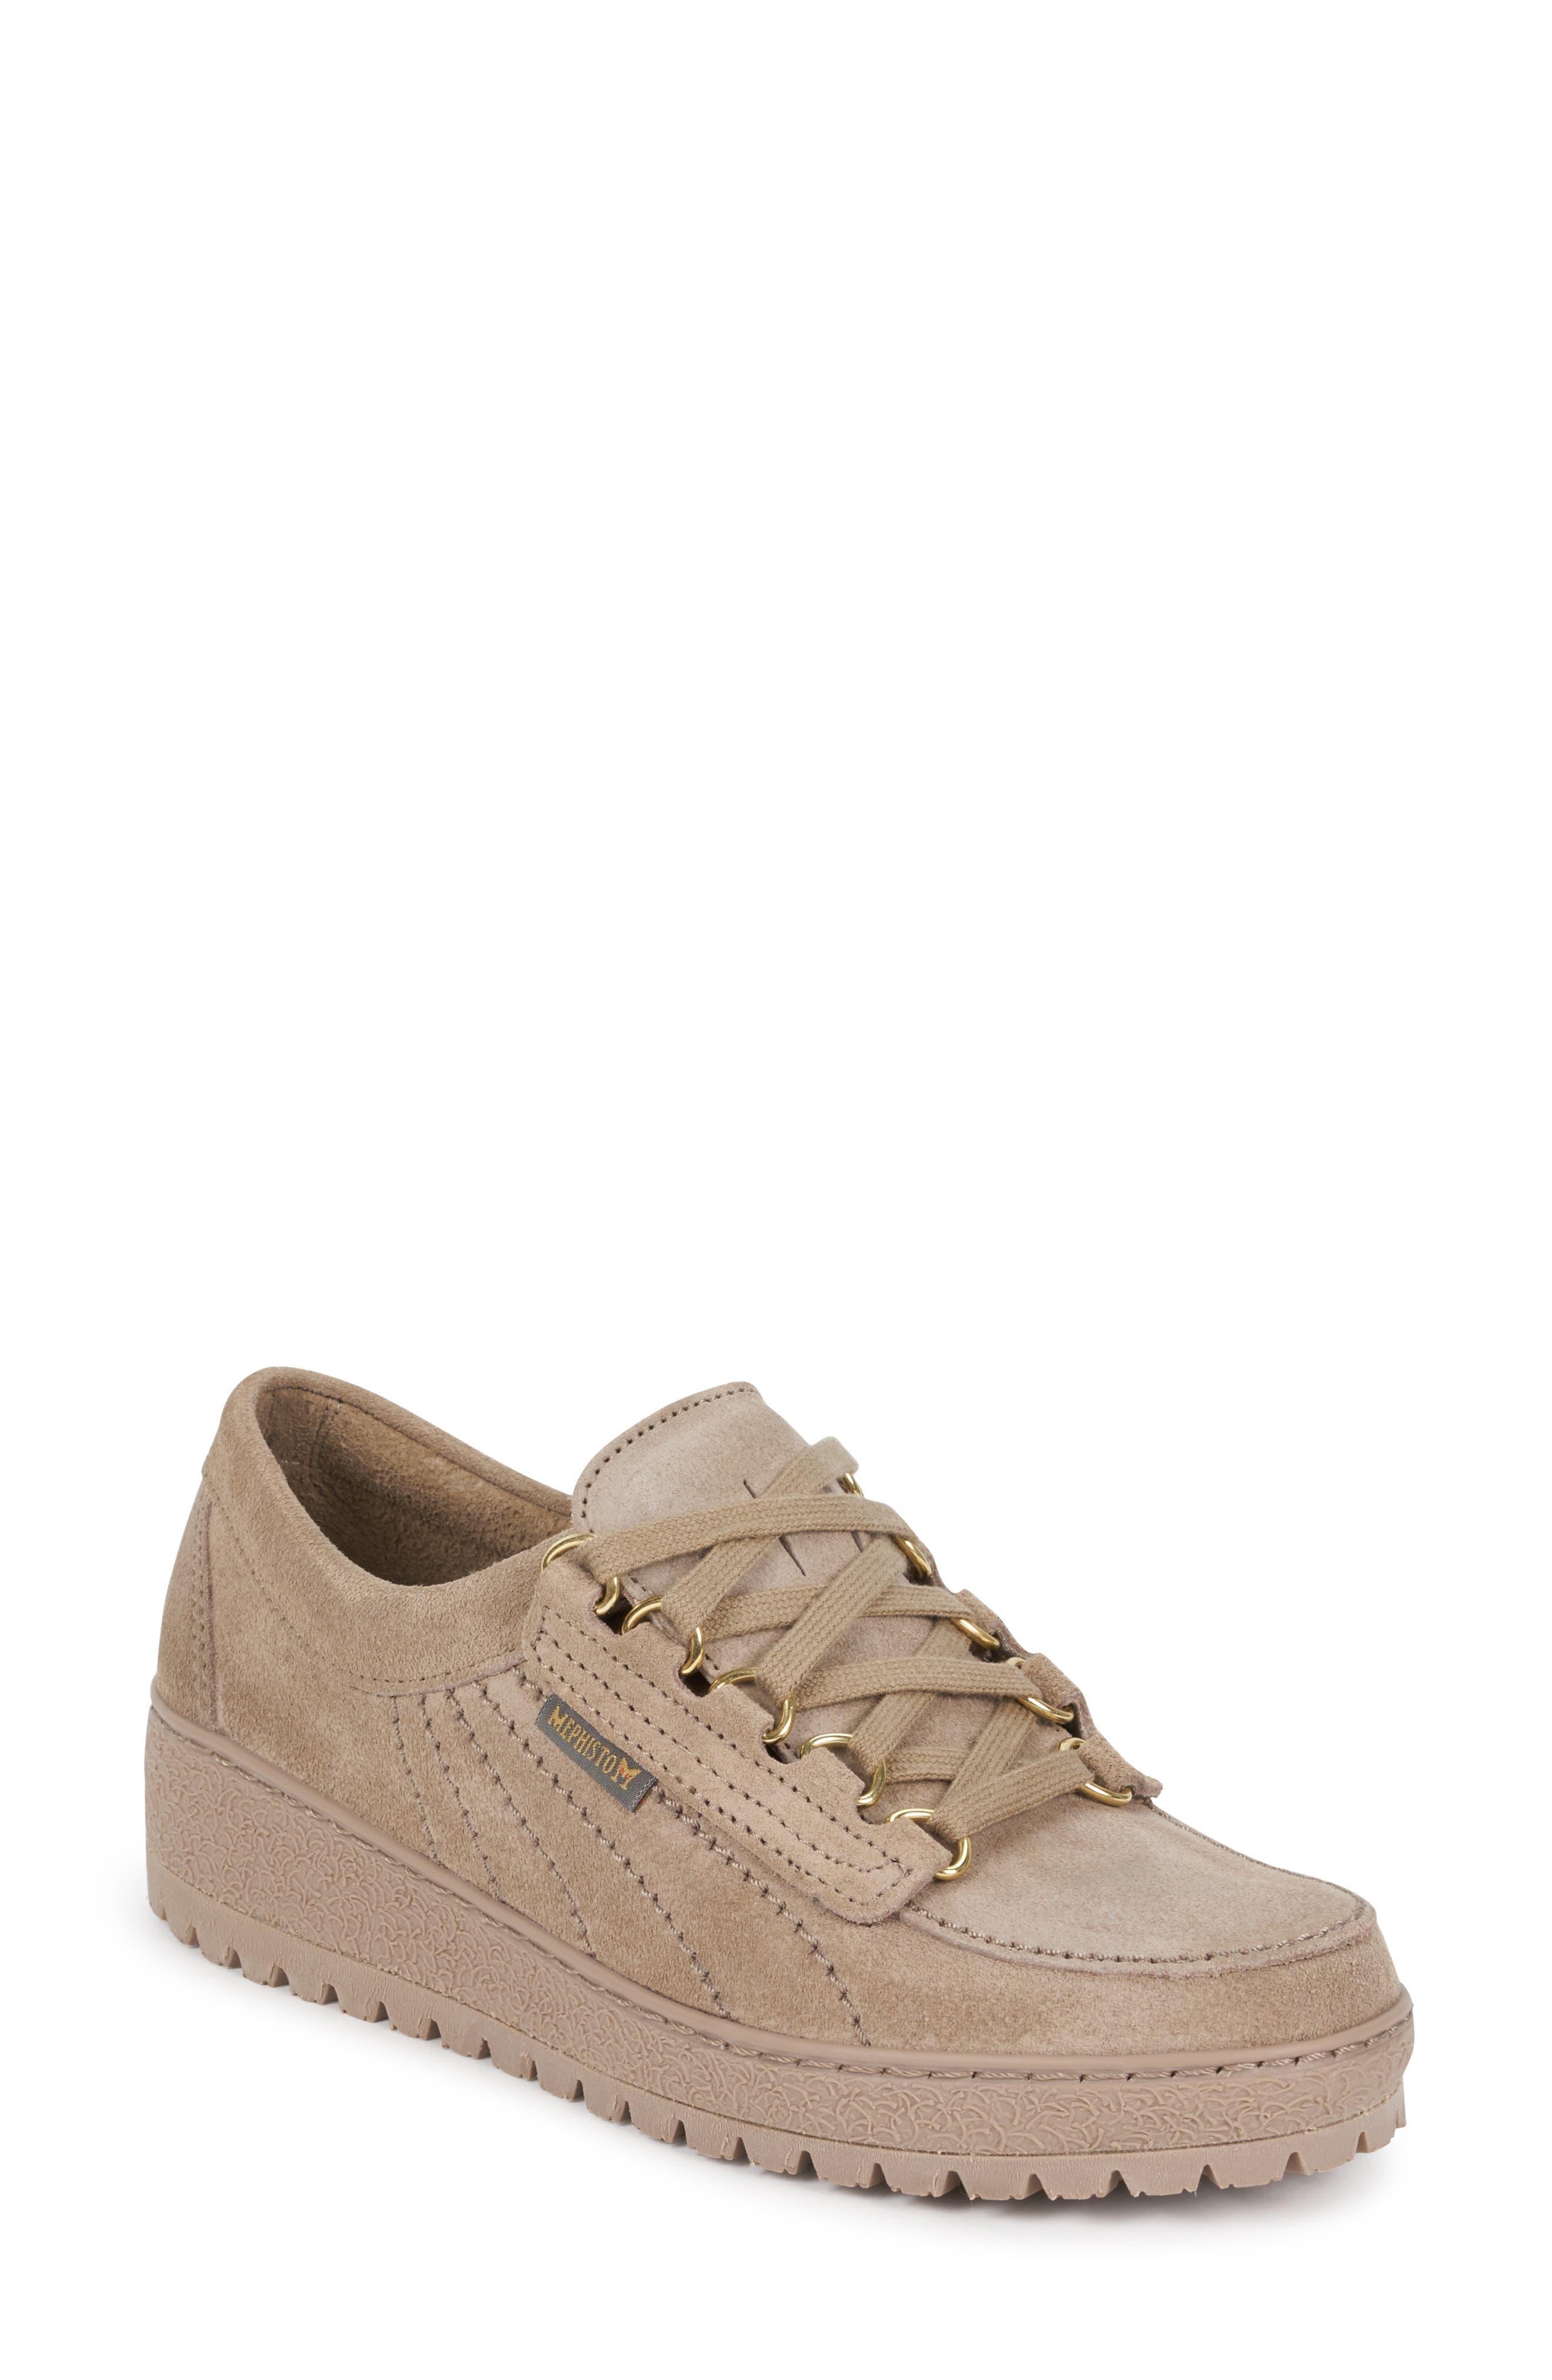 Mephisto Lady Low Top Sneaker- Beige